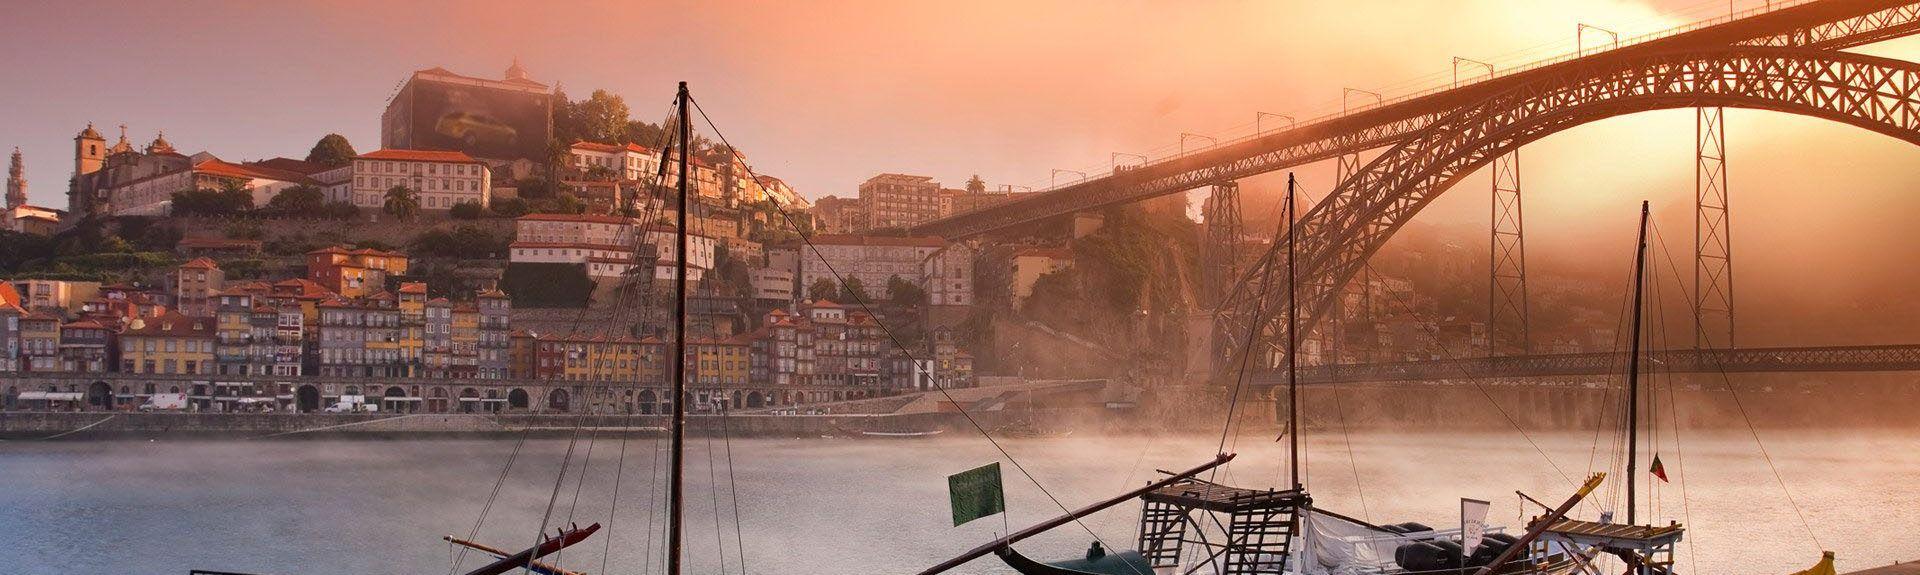 Ramalde, Porto, Distrito do Porto, Portugal